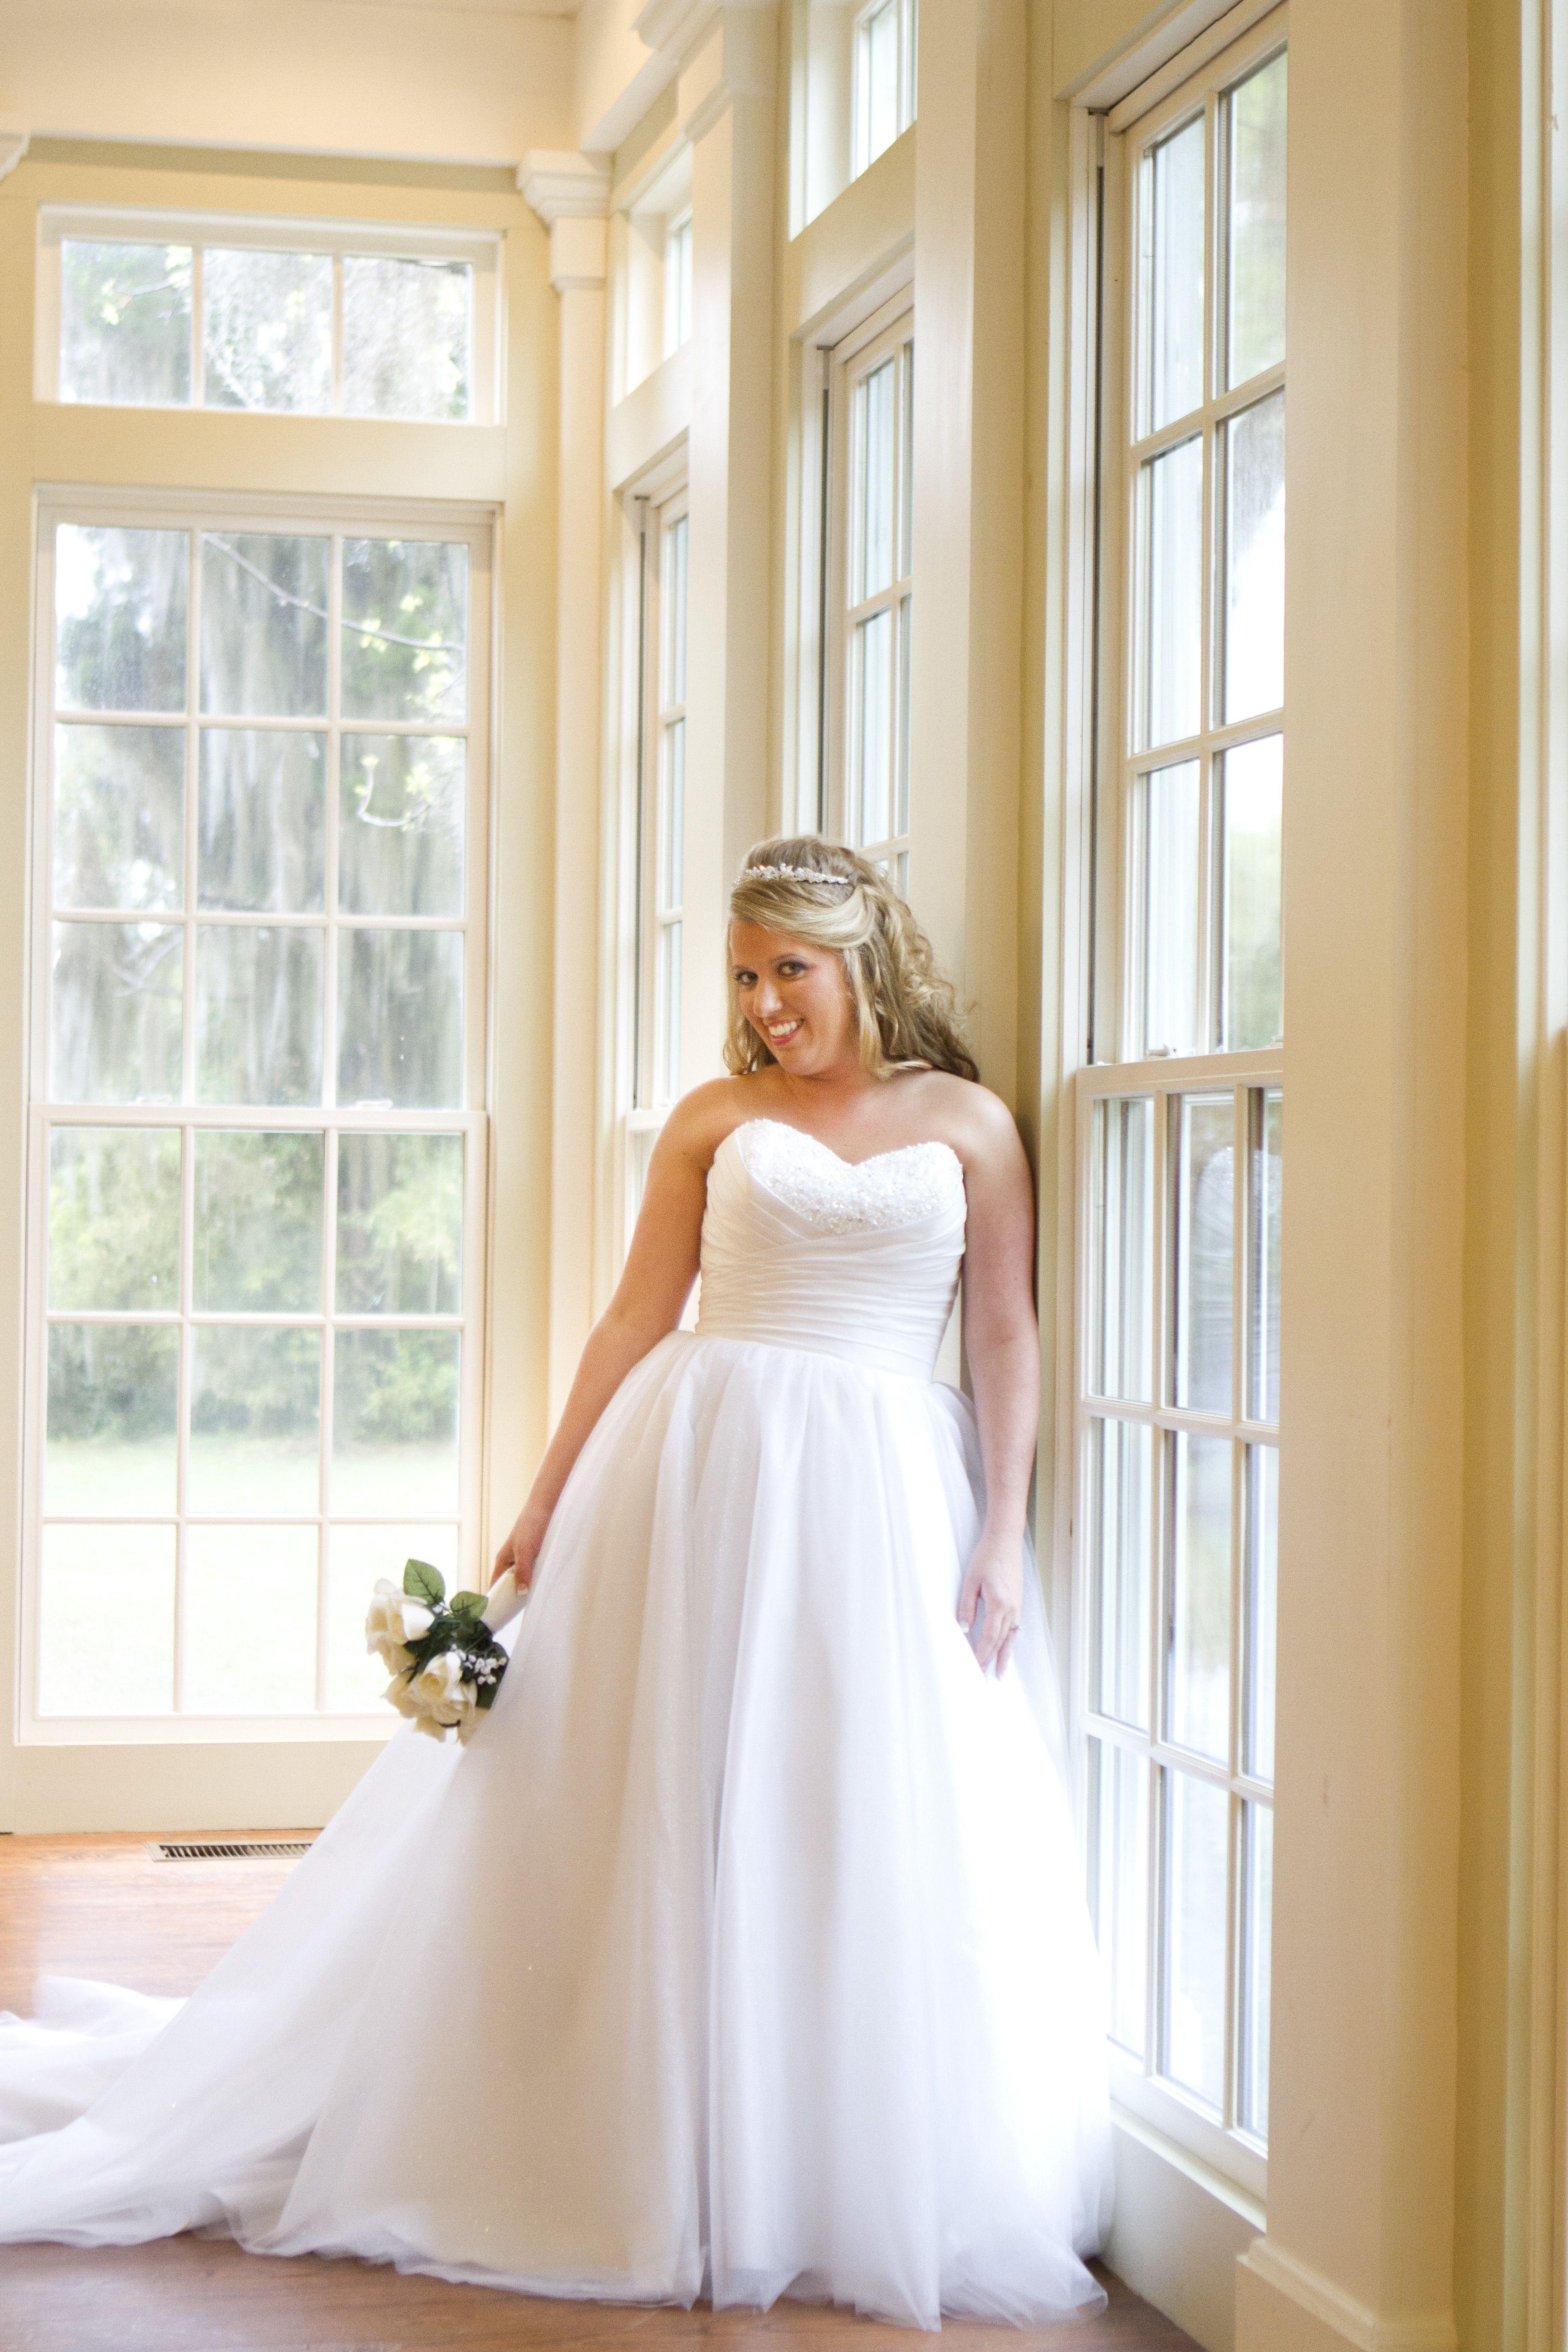 Alfred Angelo Bride in #Cinderella Style 205 | Future Wedding Ideas ...